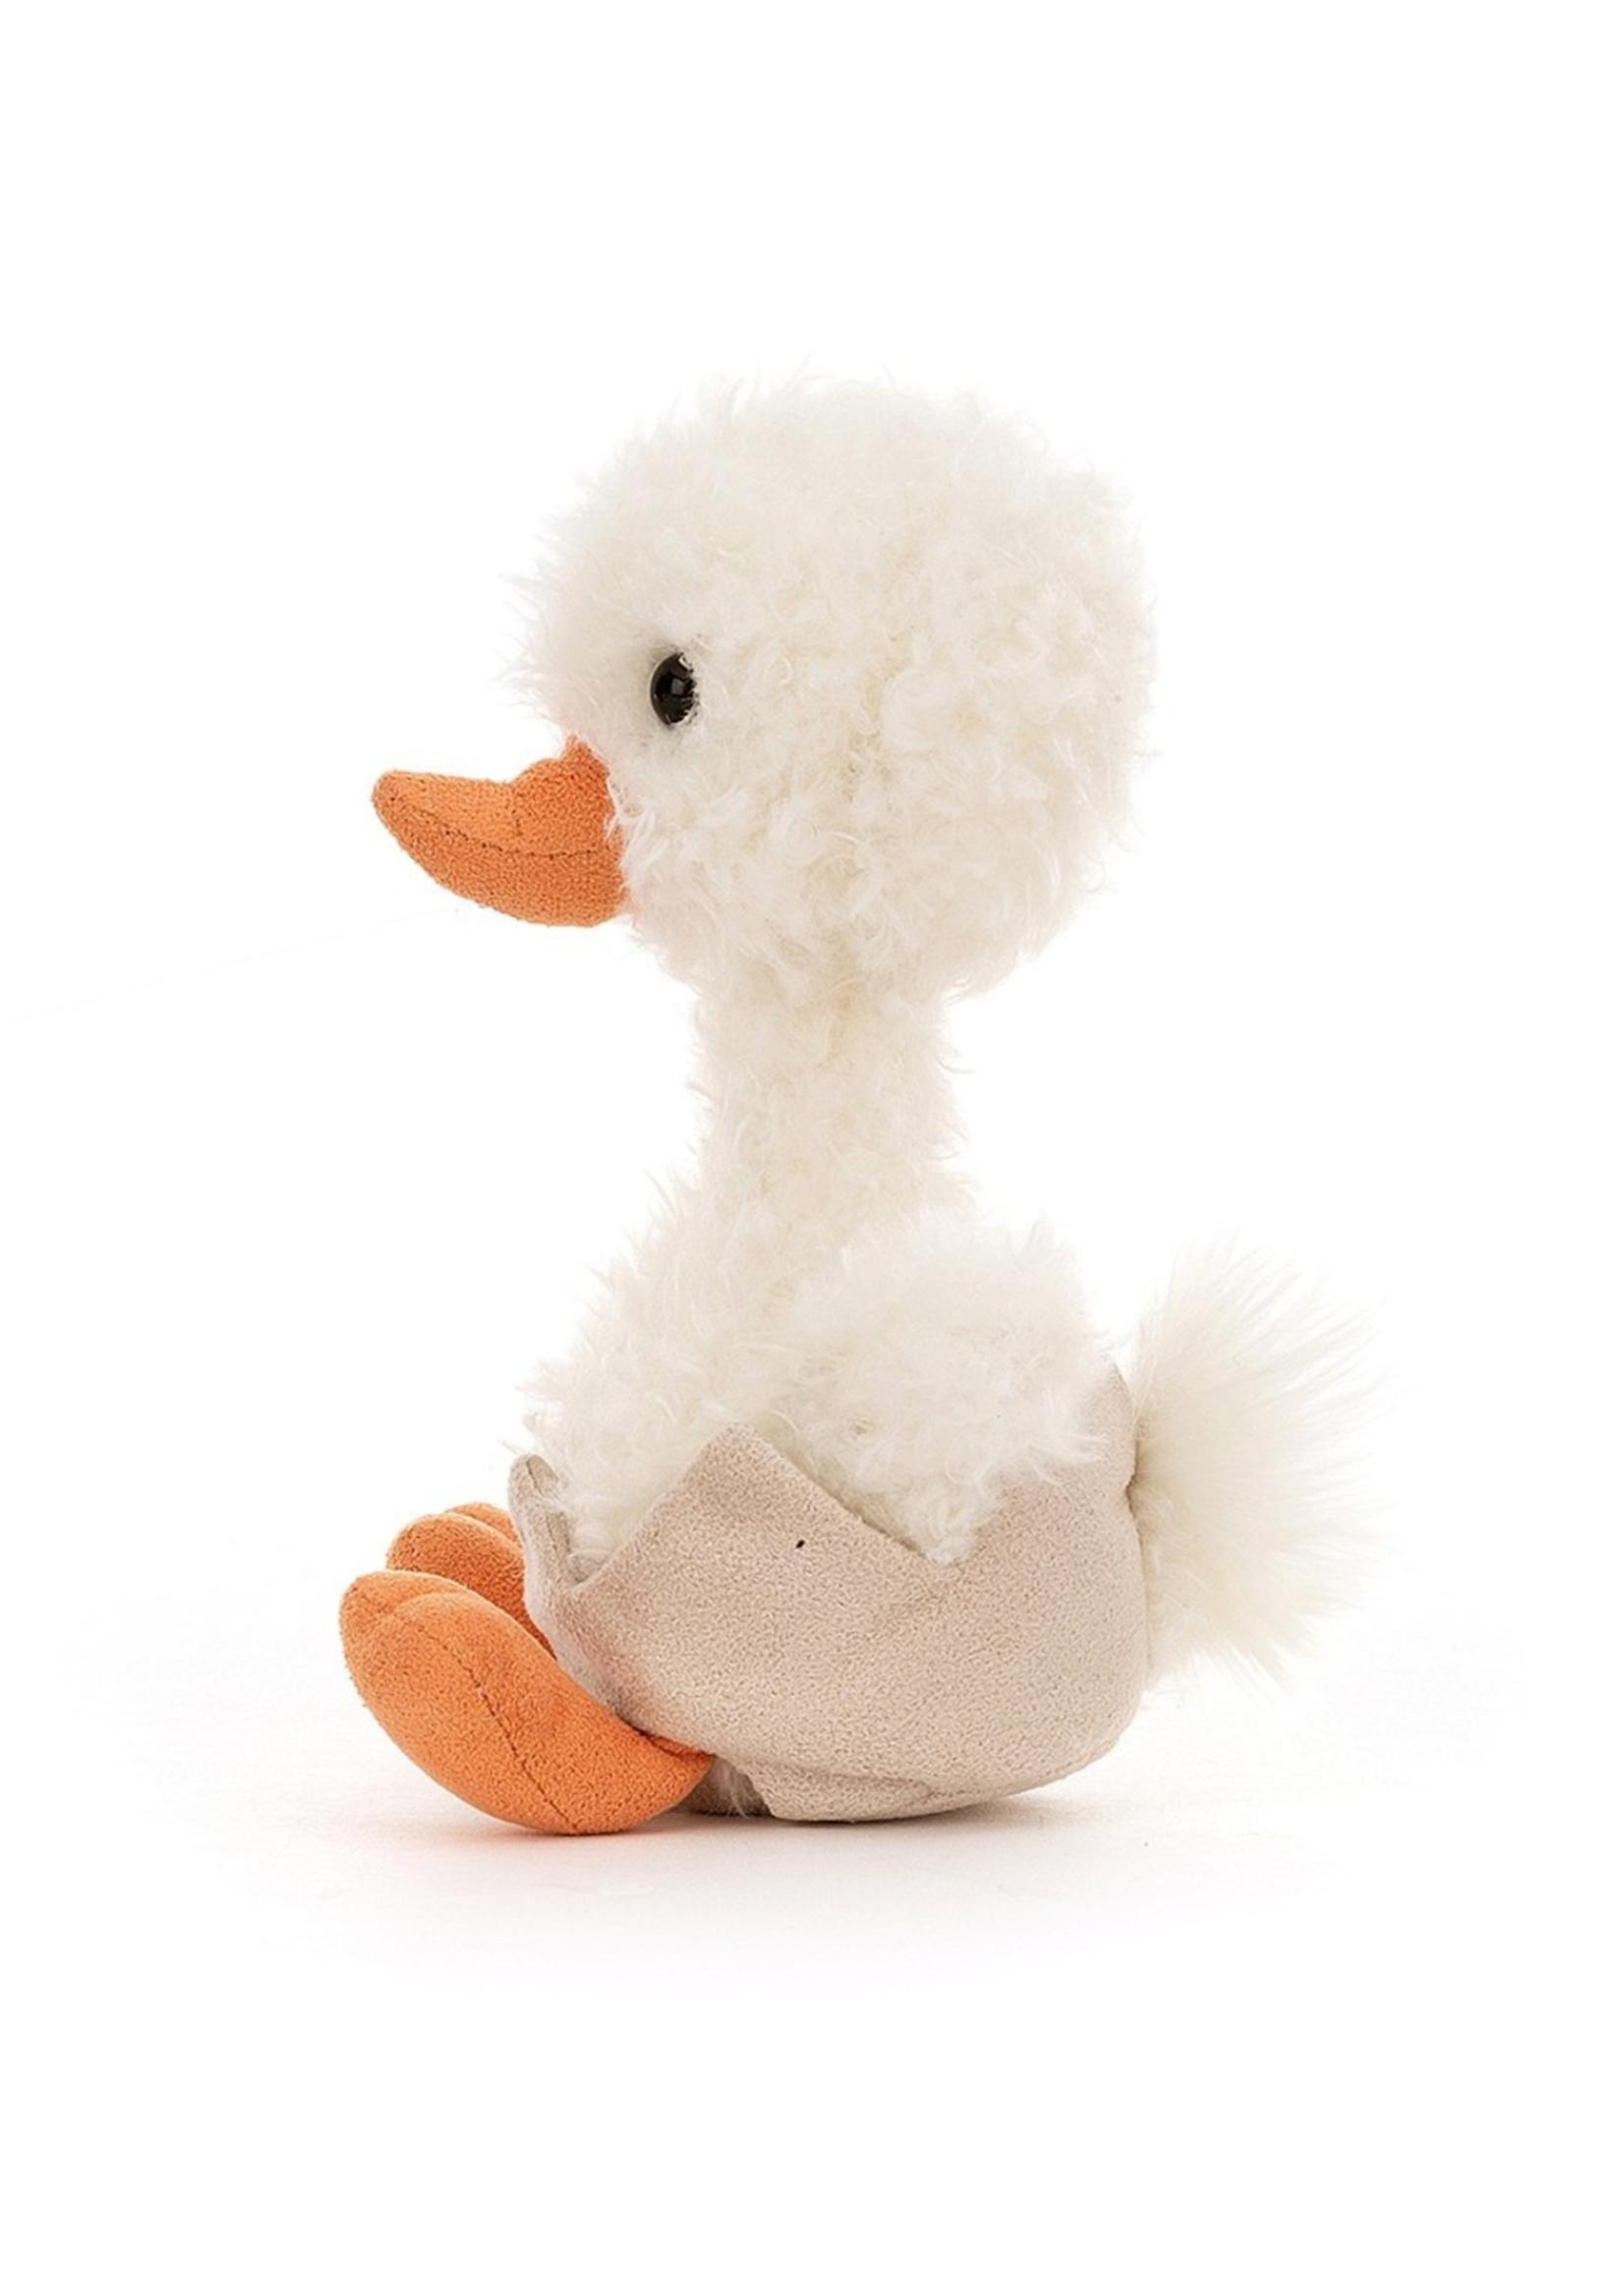 Jellycat Quack-Quack Duckling